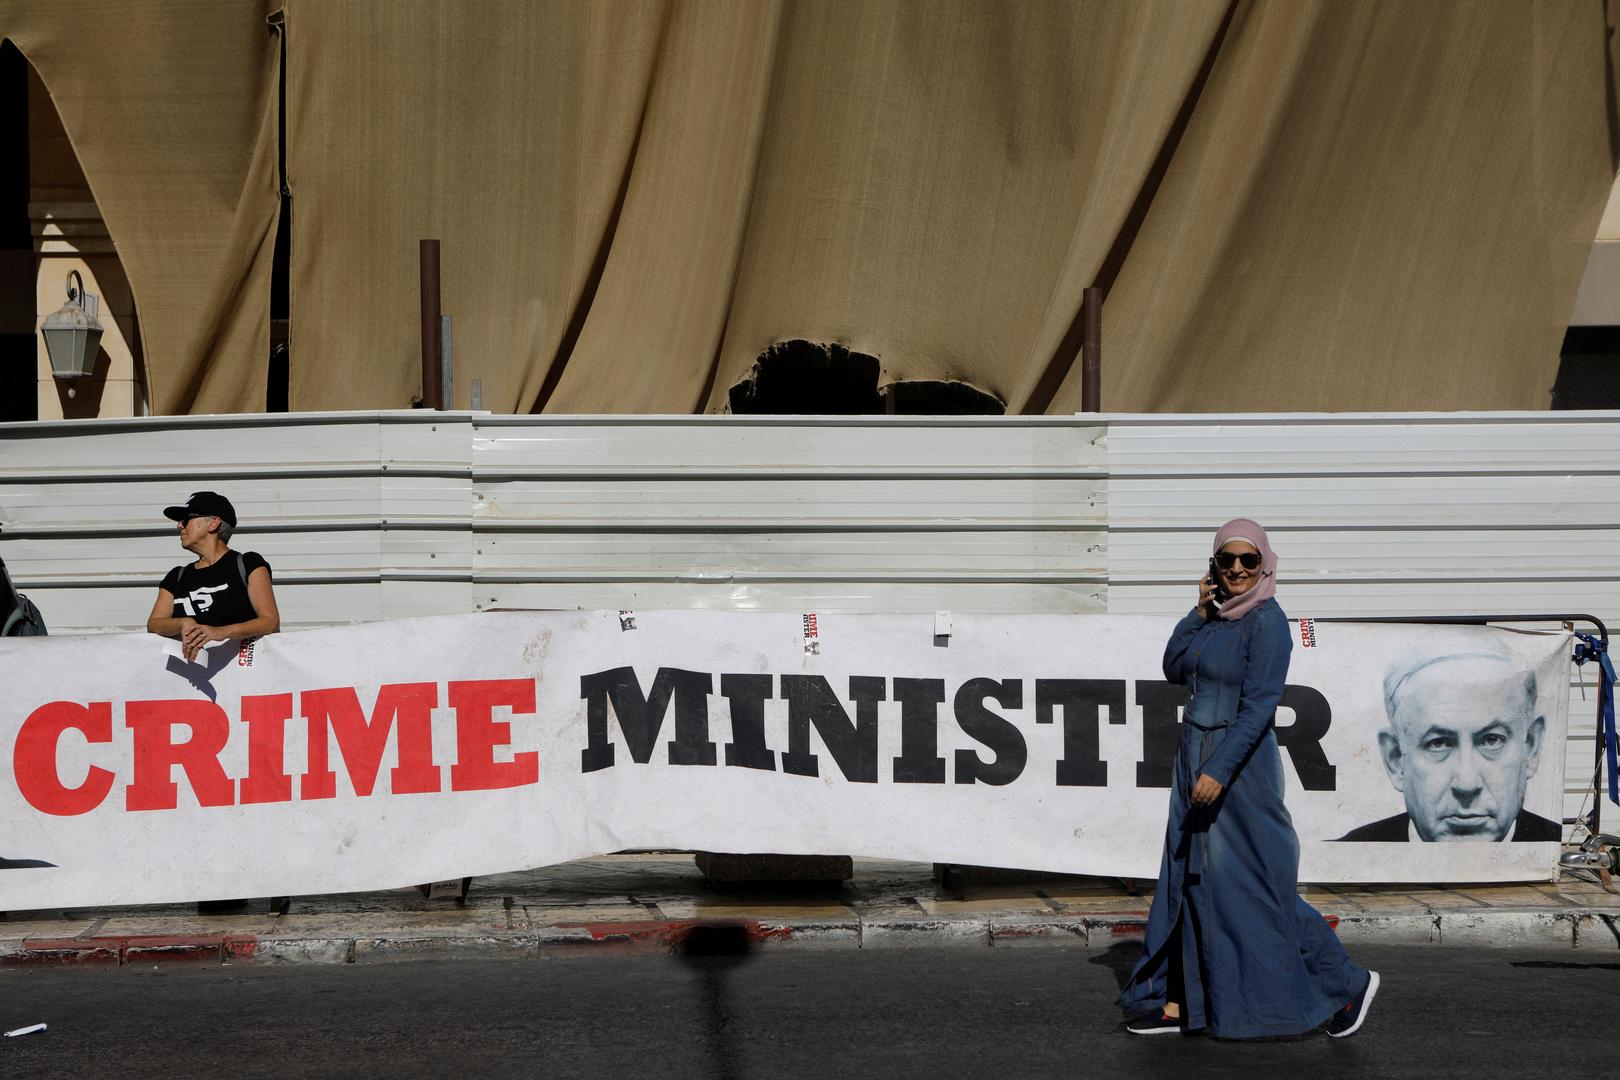 النيابة الإسرائيلية تسند لنتنياهو 3 اتهامات بالفساد